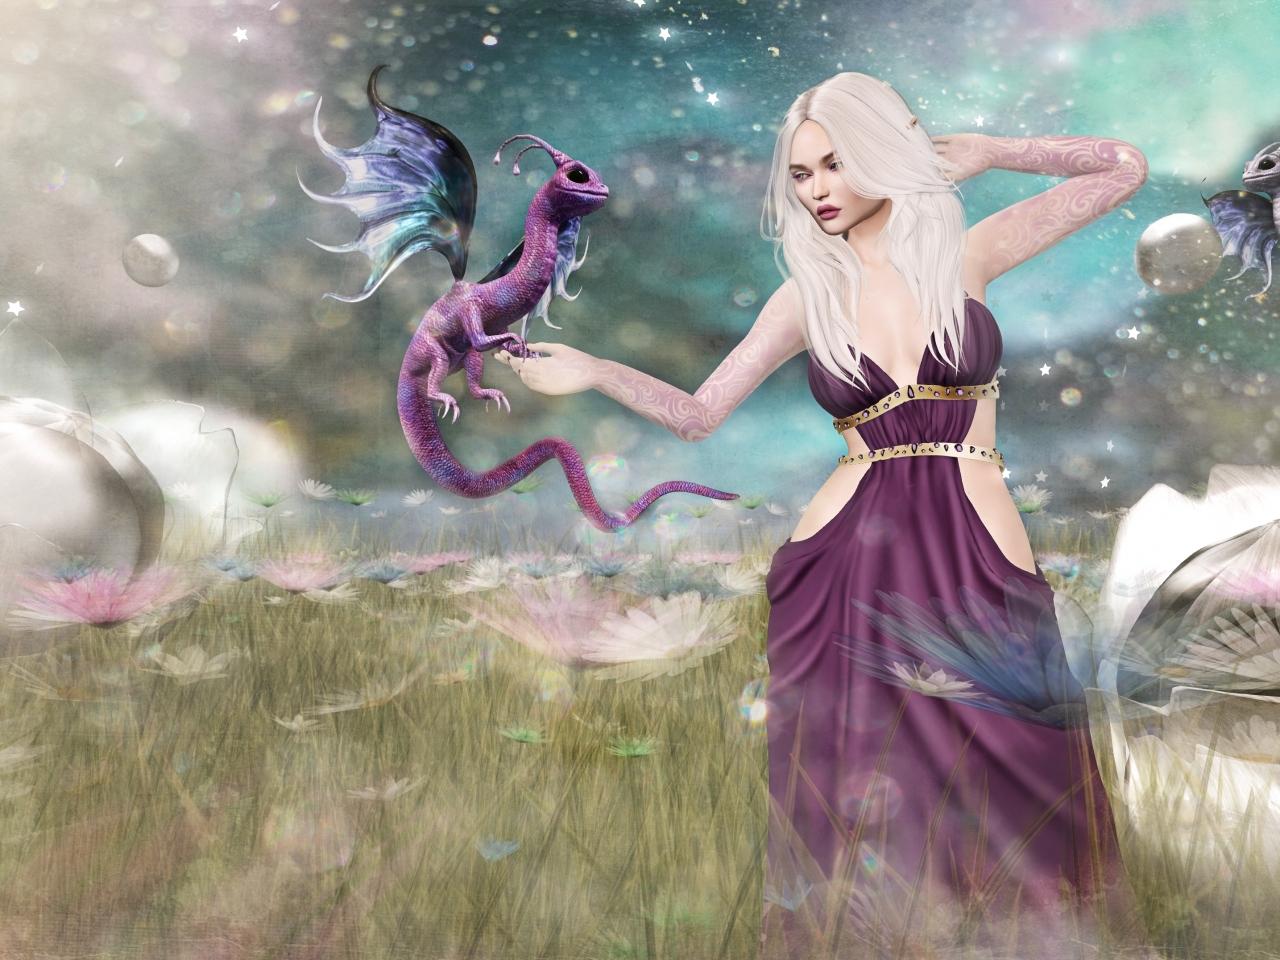 Juego de Tronos Fantasy - 1280x960